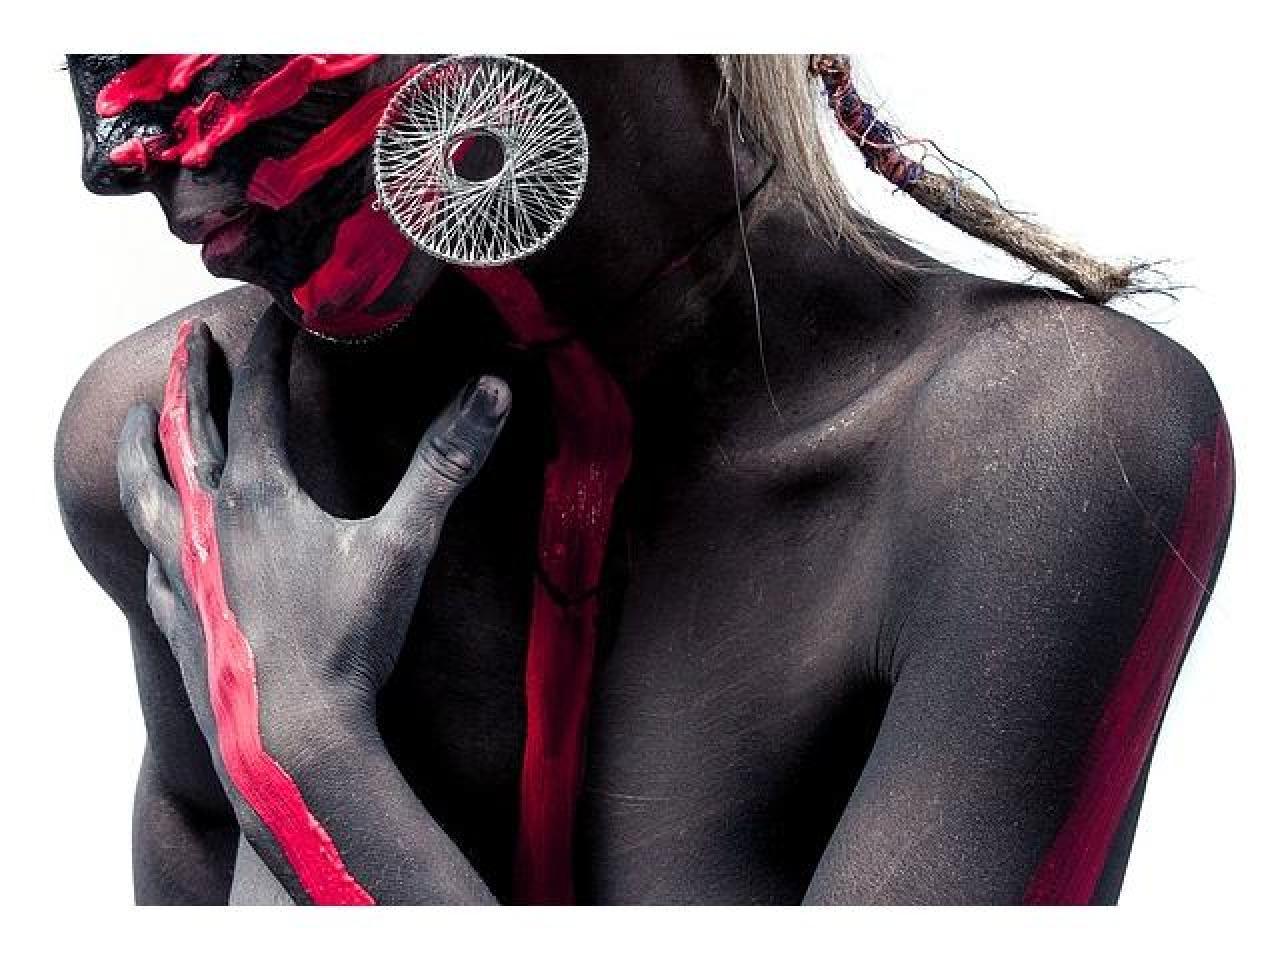 МАСТЕР-КЛАСС: «ЦВЕТА И ИХ СОЧЕТАНИЯ, КОТОРЫЕ ПОДХОДЯТ ВАМ ЛУЧШЕ ВСЕГО» - 1